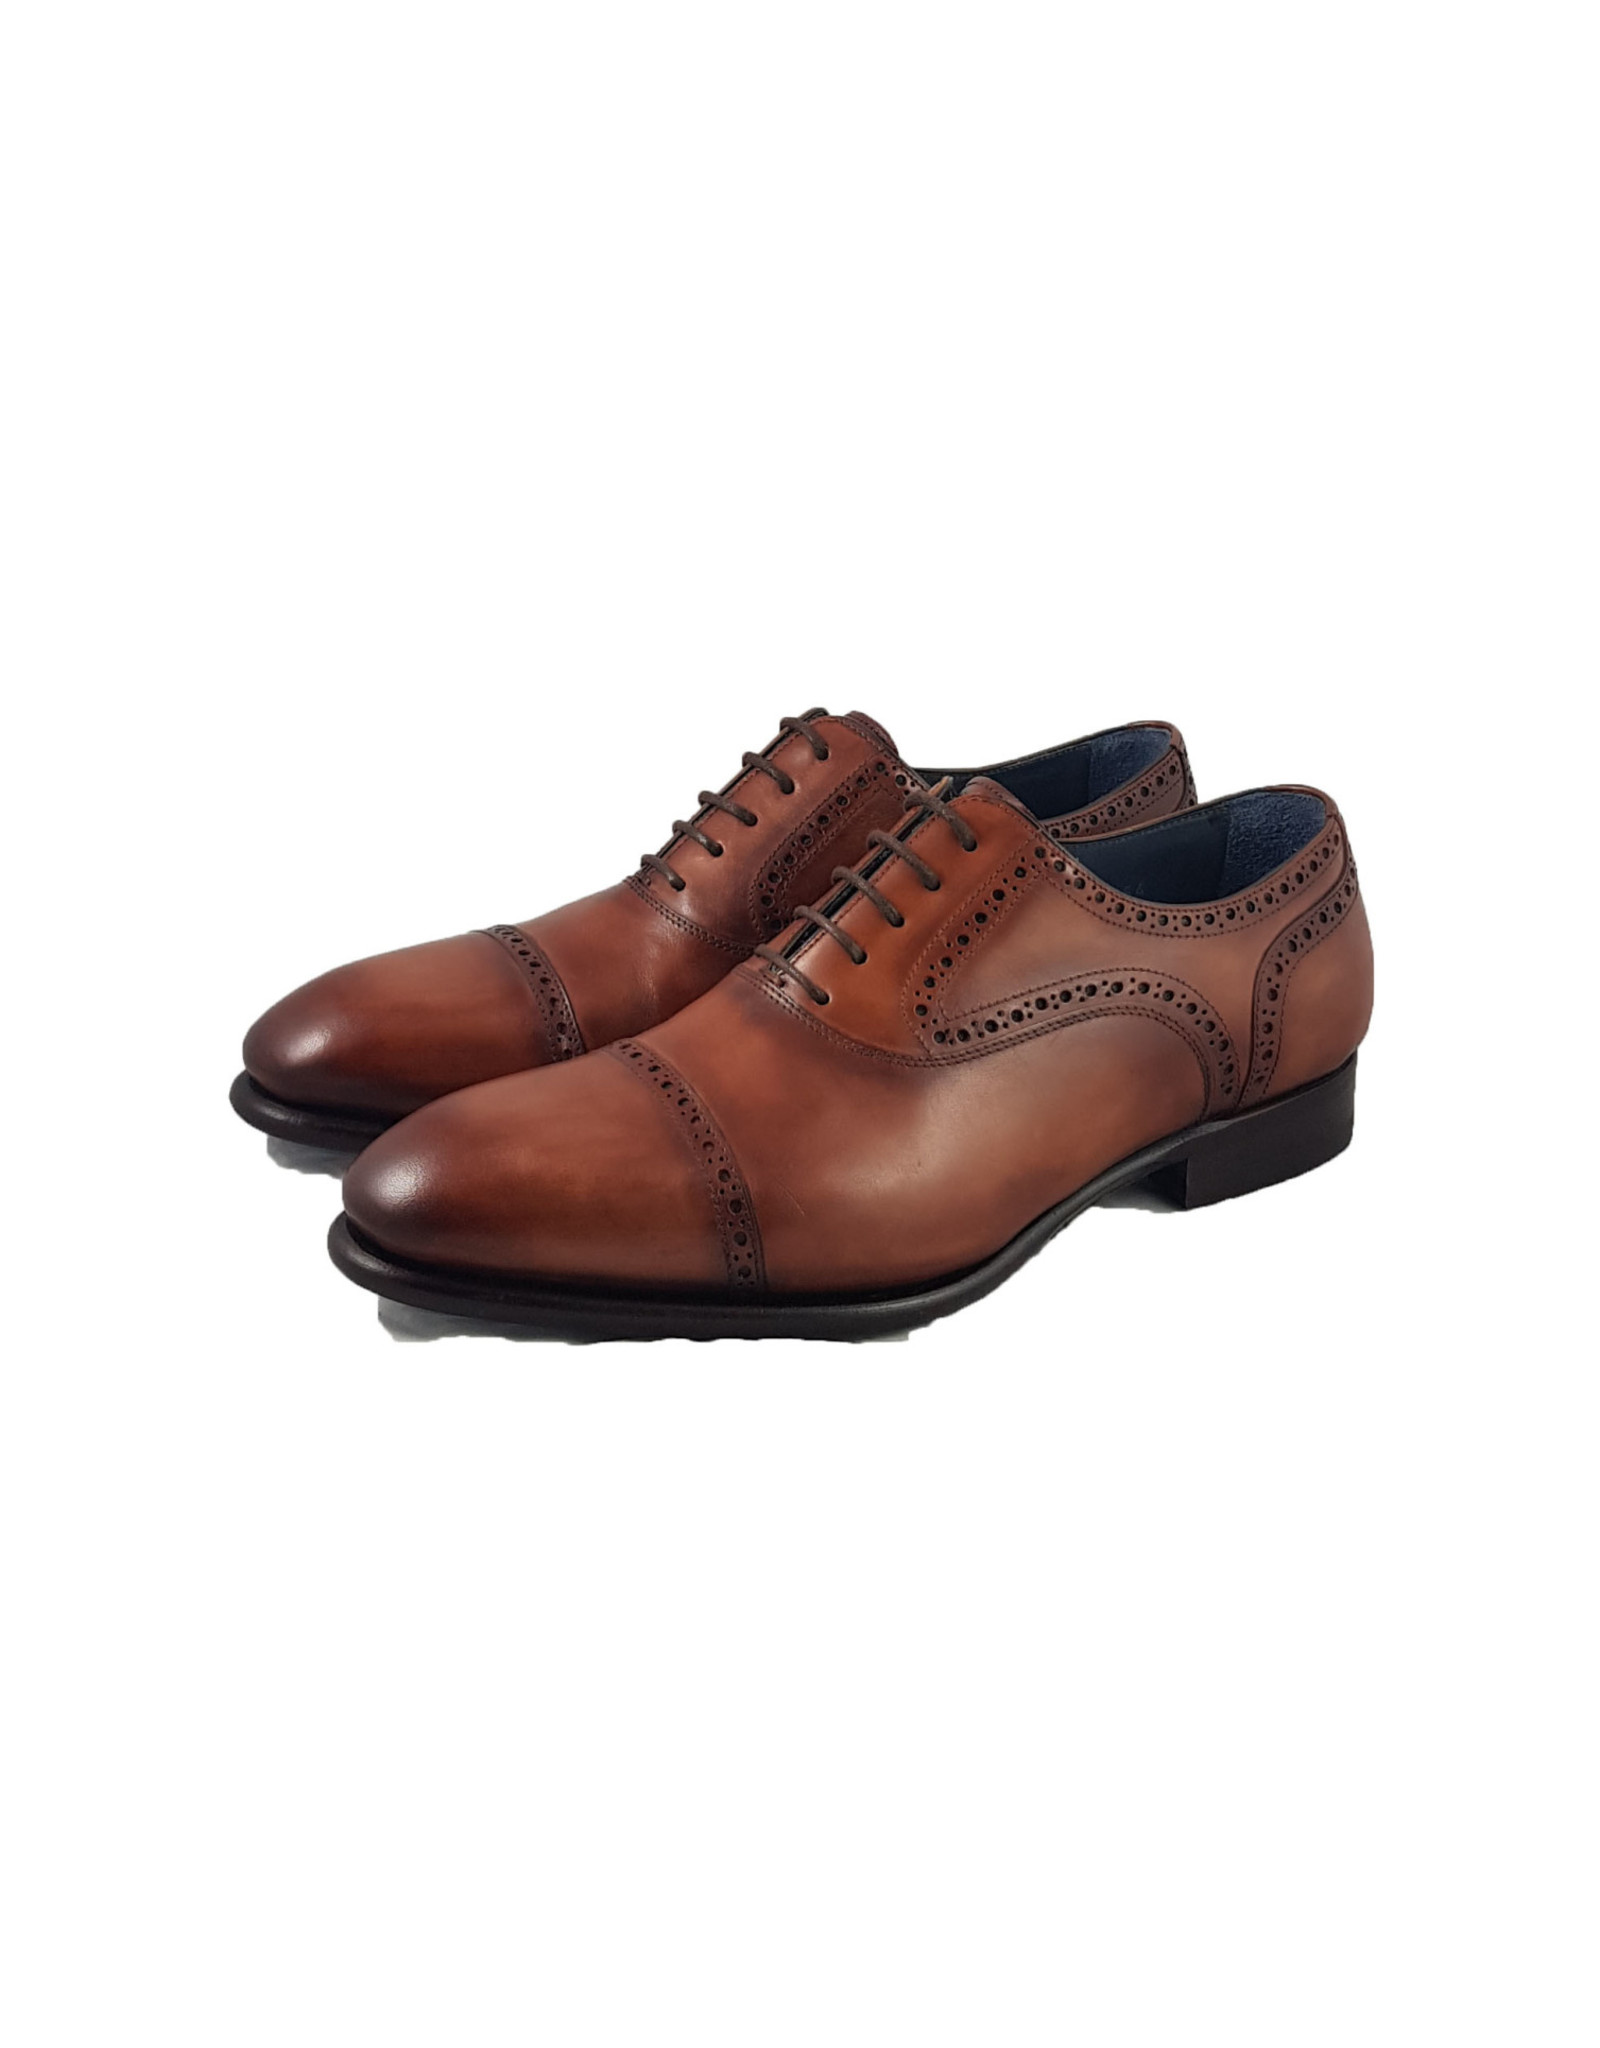 Zampiere Zampiere schoenen cognac Amalfi M: 9894 V17/35